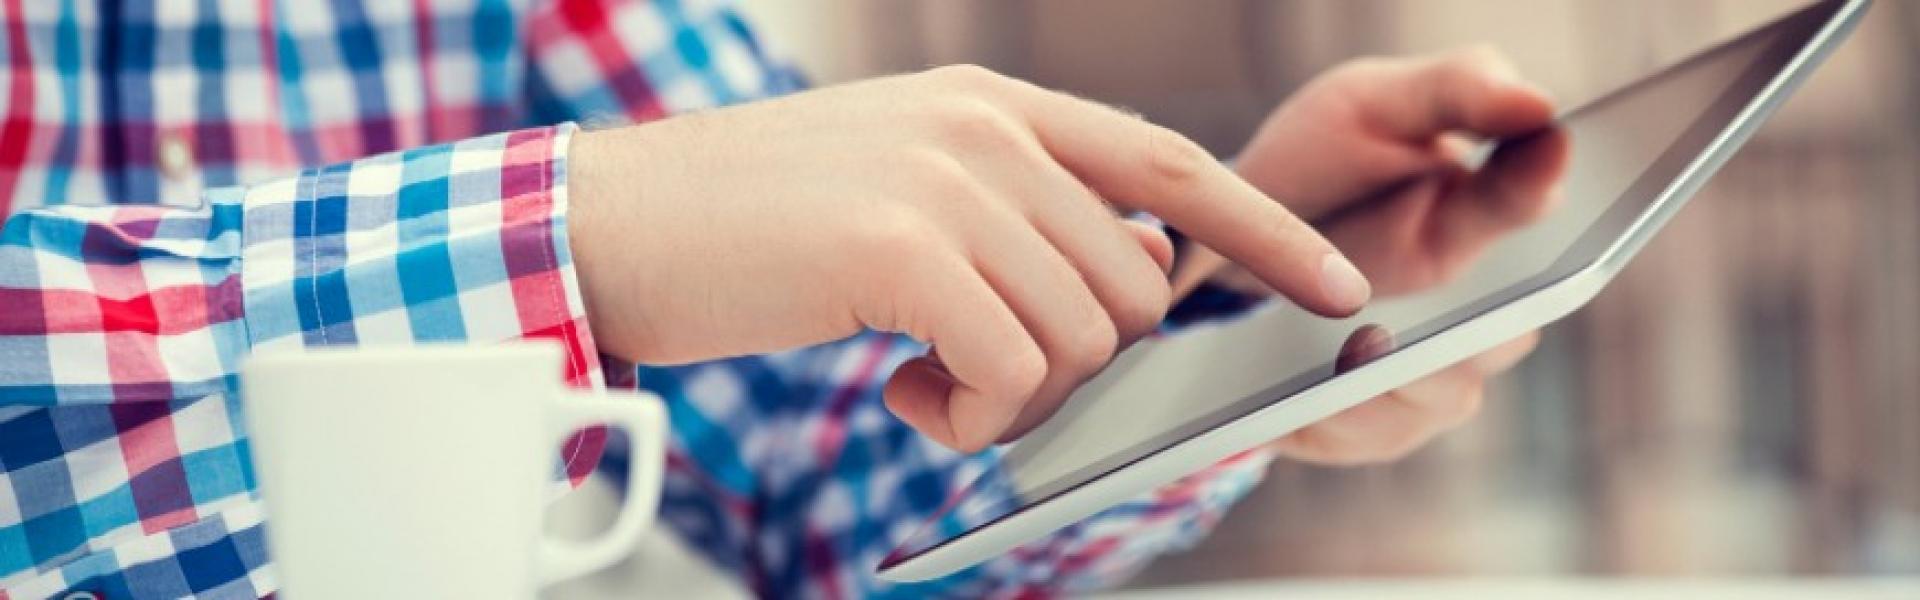 4 benefits of online scheduling